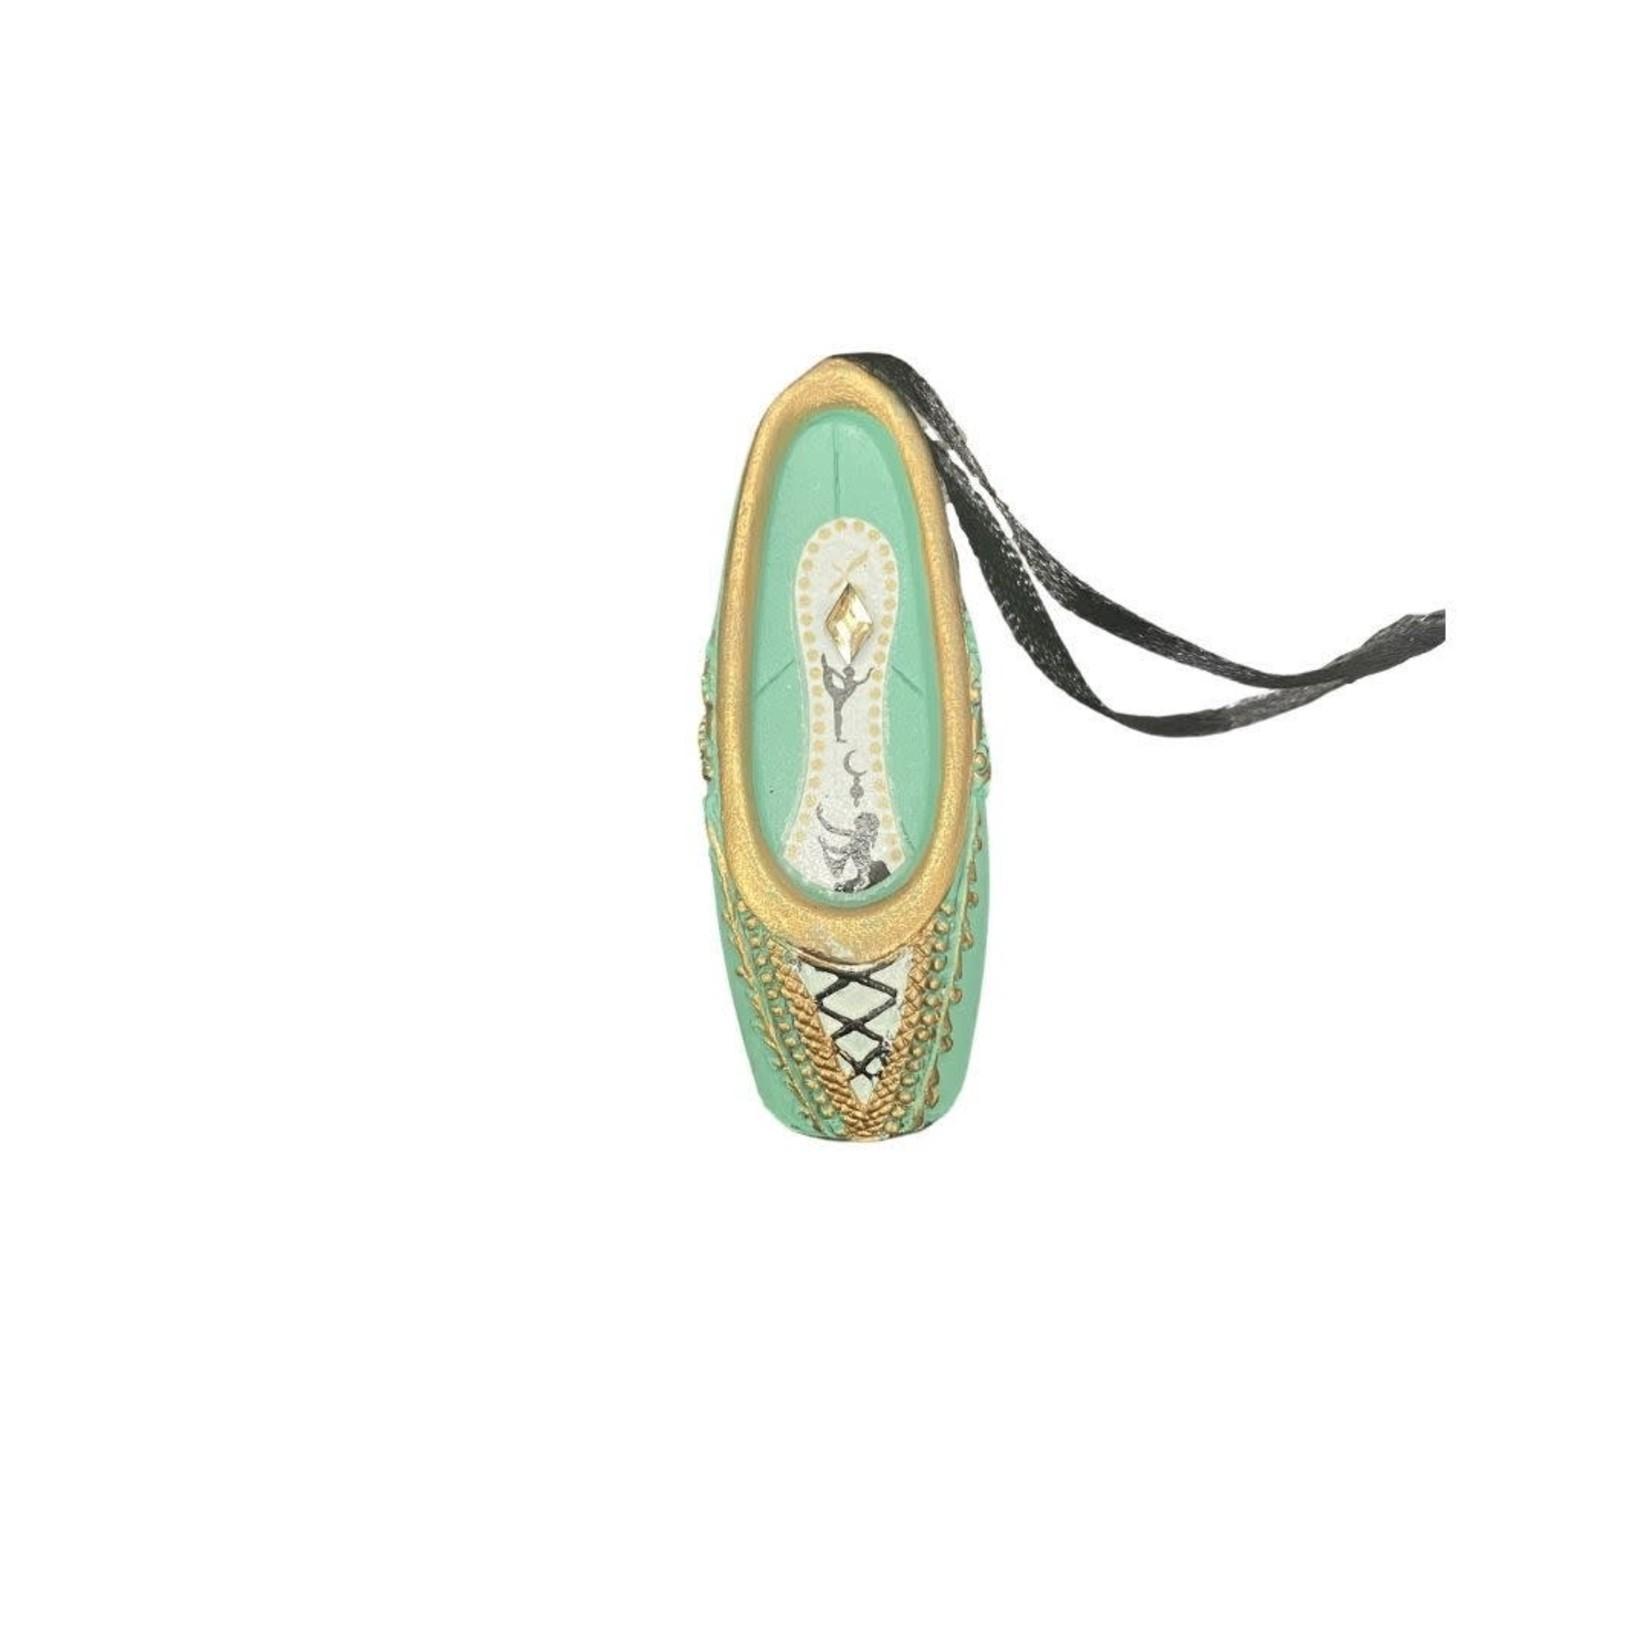 Capezio Capezio Swarovski Pointe Shoe Ornament - 3 colors